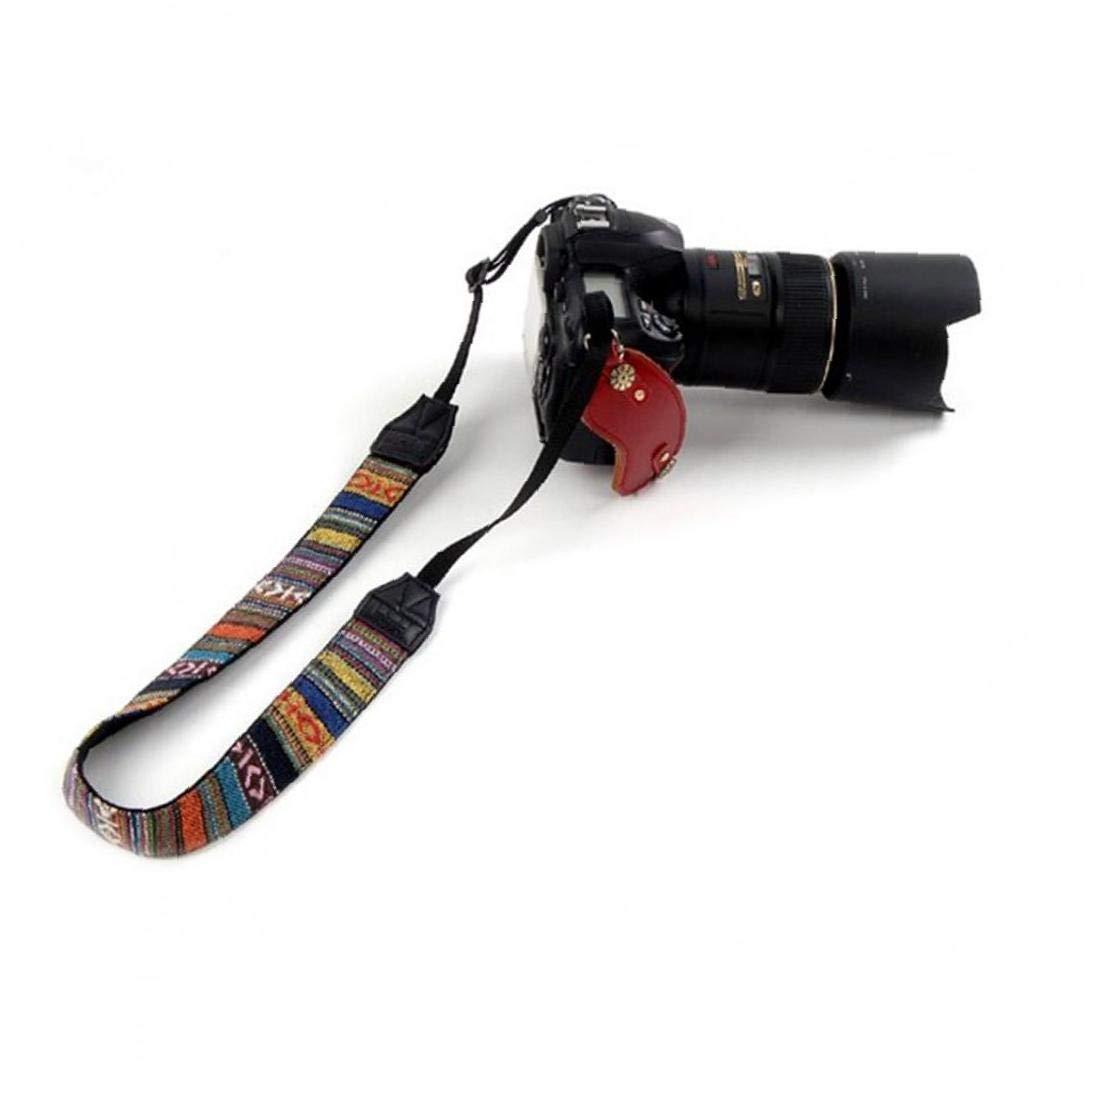 Kameragurt Einstellbare Kamera Schultergurt Tether Umh/ängeband Sicherheits Schnur-Seil f/ür Alle SLR//DSLR Kameras Regenbogen-Streifen